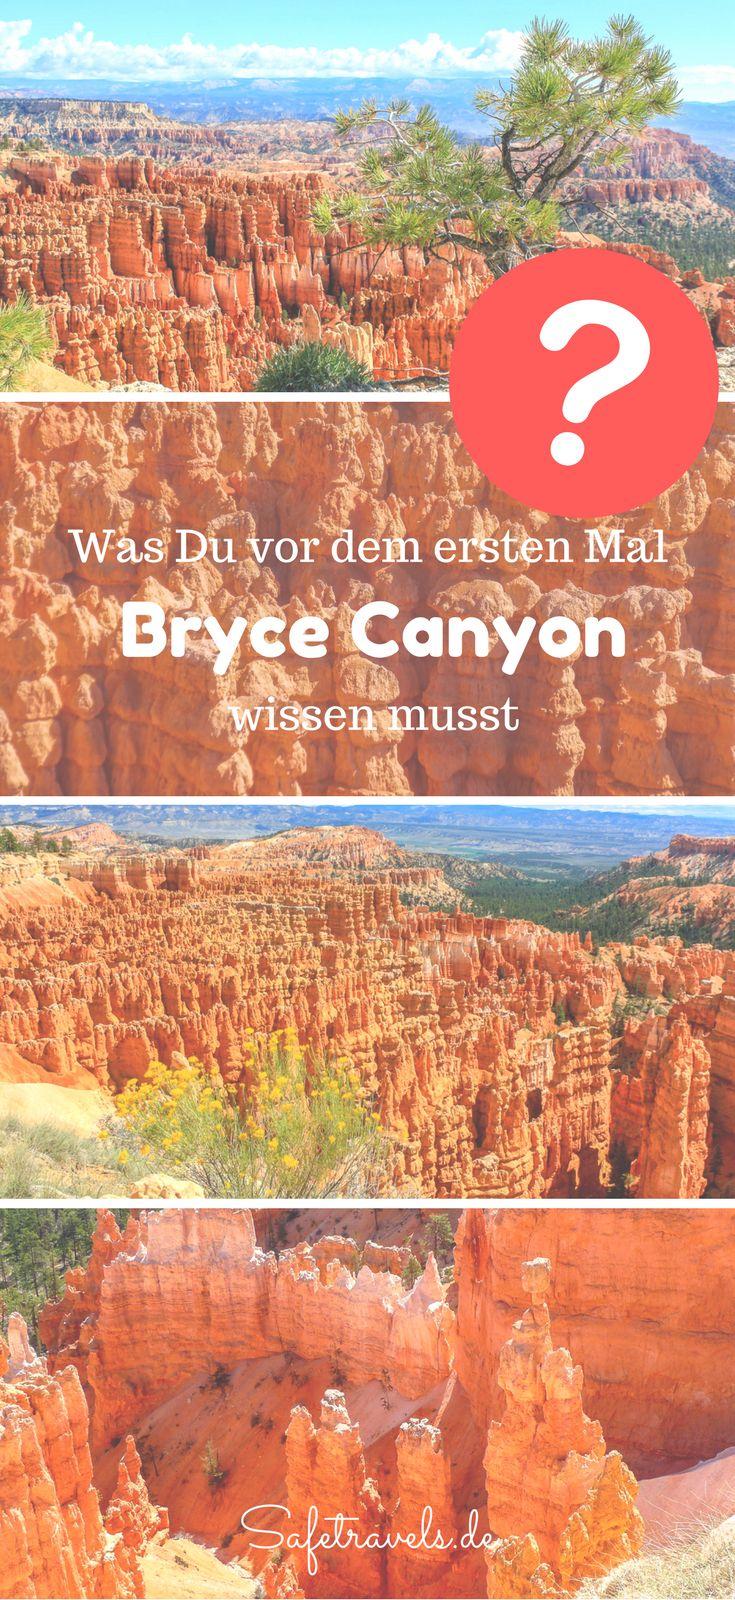 Was Du vor Deinem ersten Besuch am Bryce Canyon wissen musst. Alles rund um Hotels, Wanderungen, Aussichtspunkte, Sehenswürdigkeiten etc am Bryce Canyon in Utah. Bryce Canyon Tipps.